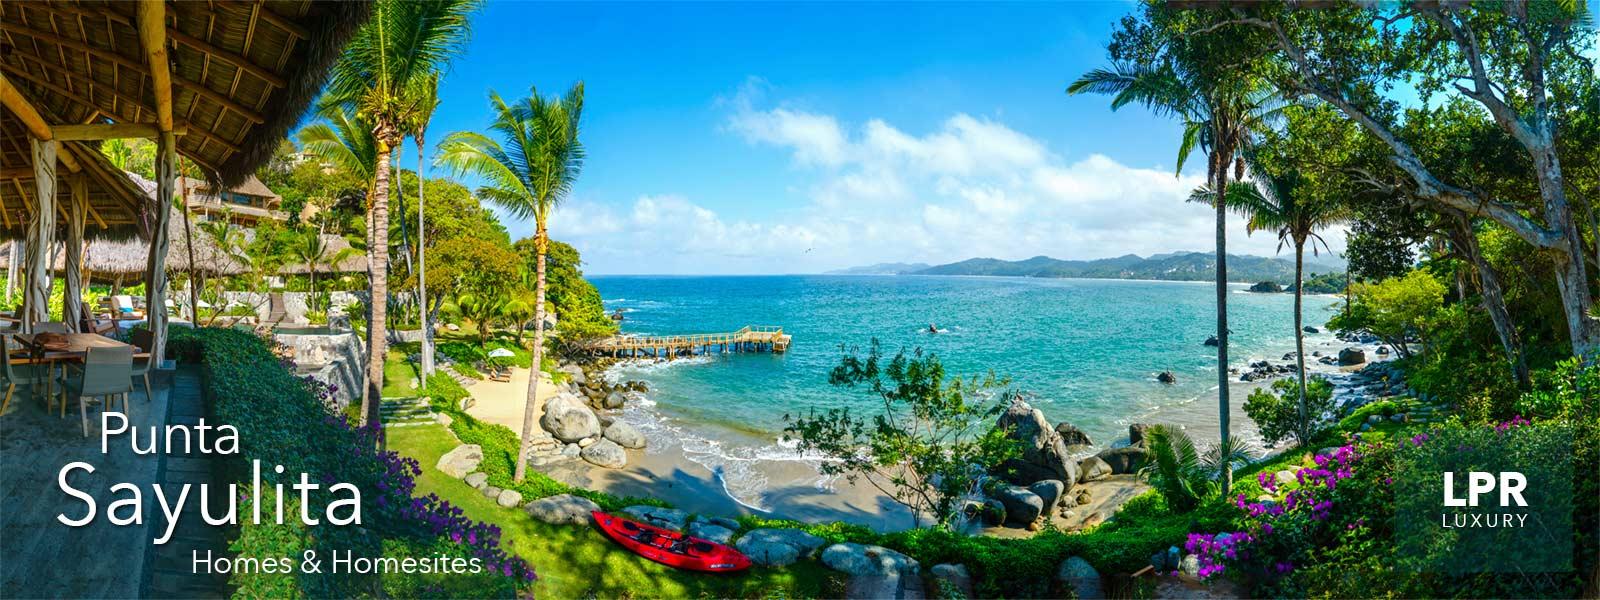 Punta Sayulita - Luxury Real Estate and Vacation Rentals - Riviera Nayarit, Mexico